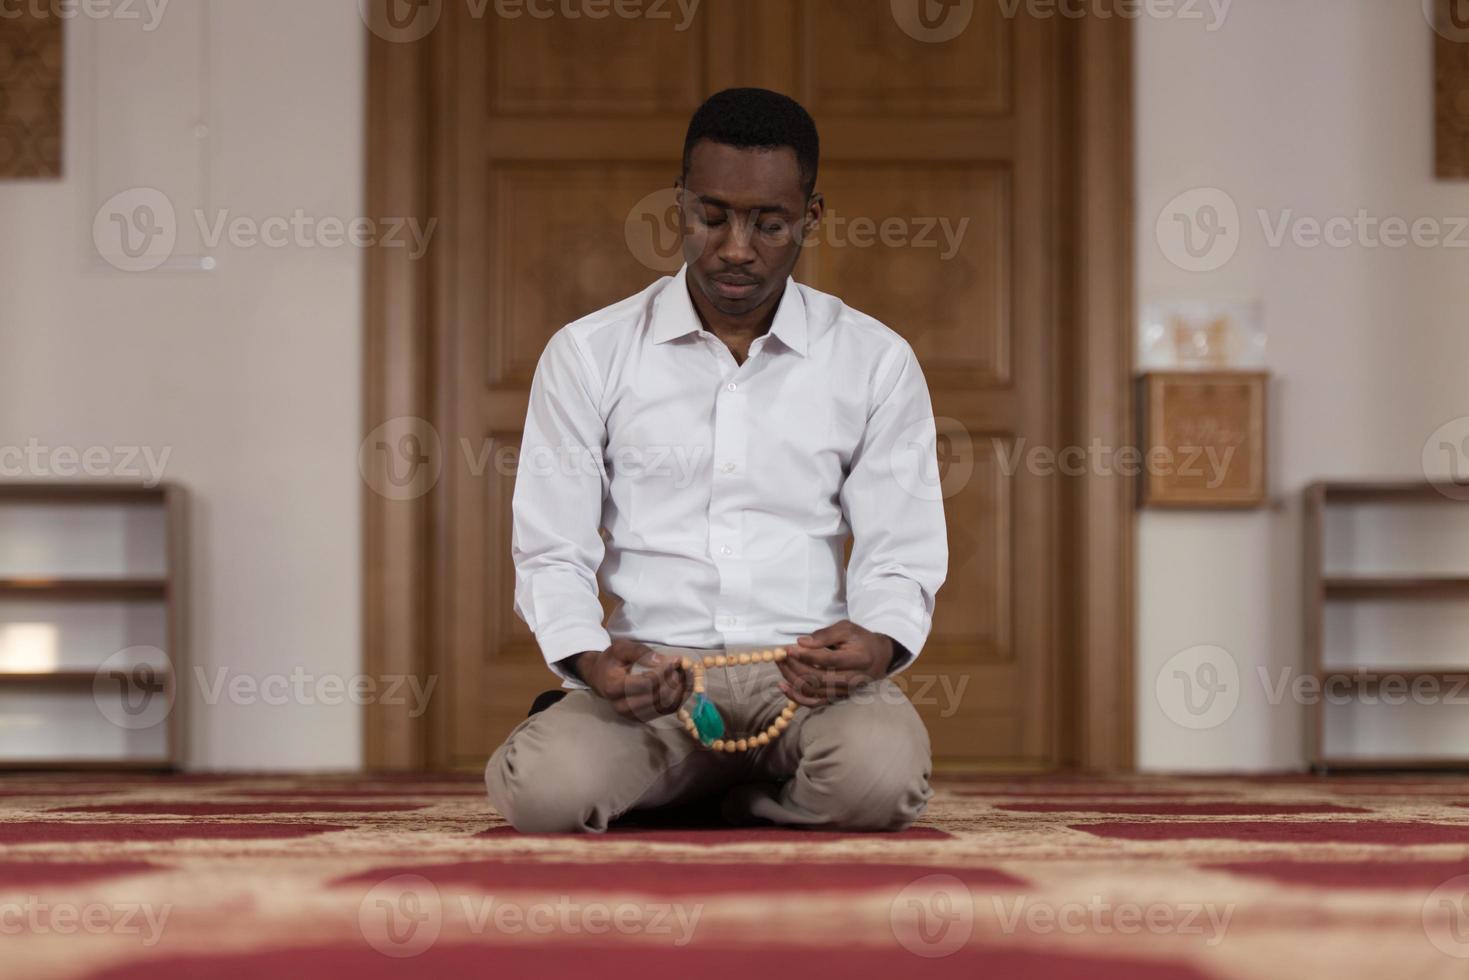 musulmanes africanos rezando en la mezquita foto